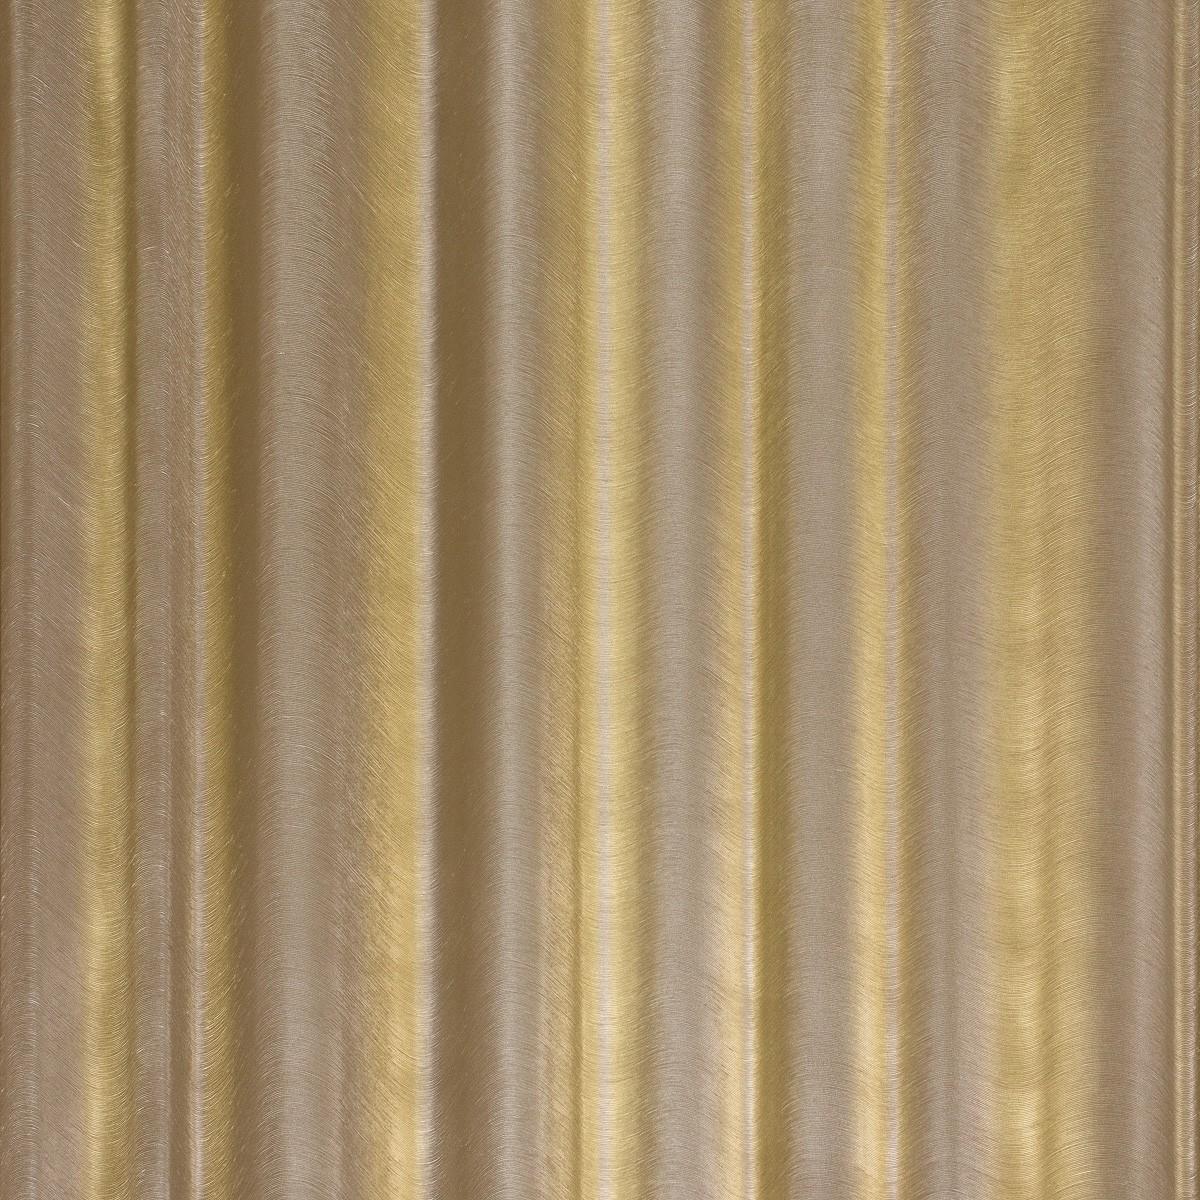 Full Size of Joop Gardinen Vliestapete Glckler Vorhang Gold Braun Metallic 52526 Bad Wohnzimmer Für Küche Badezimmer Fenster Schlafzimmer Scheibengardinen Die Betten Wohnzimmer Joop Gardinen